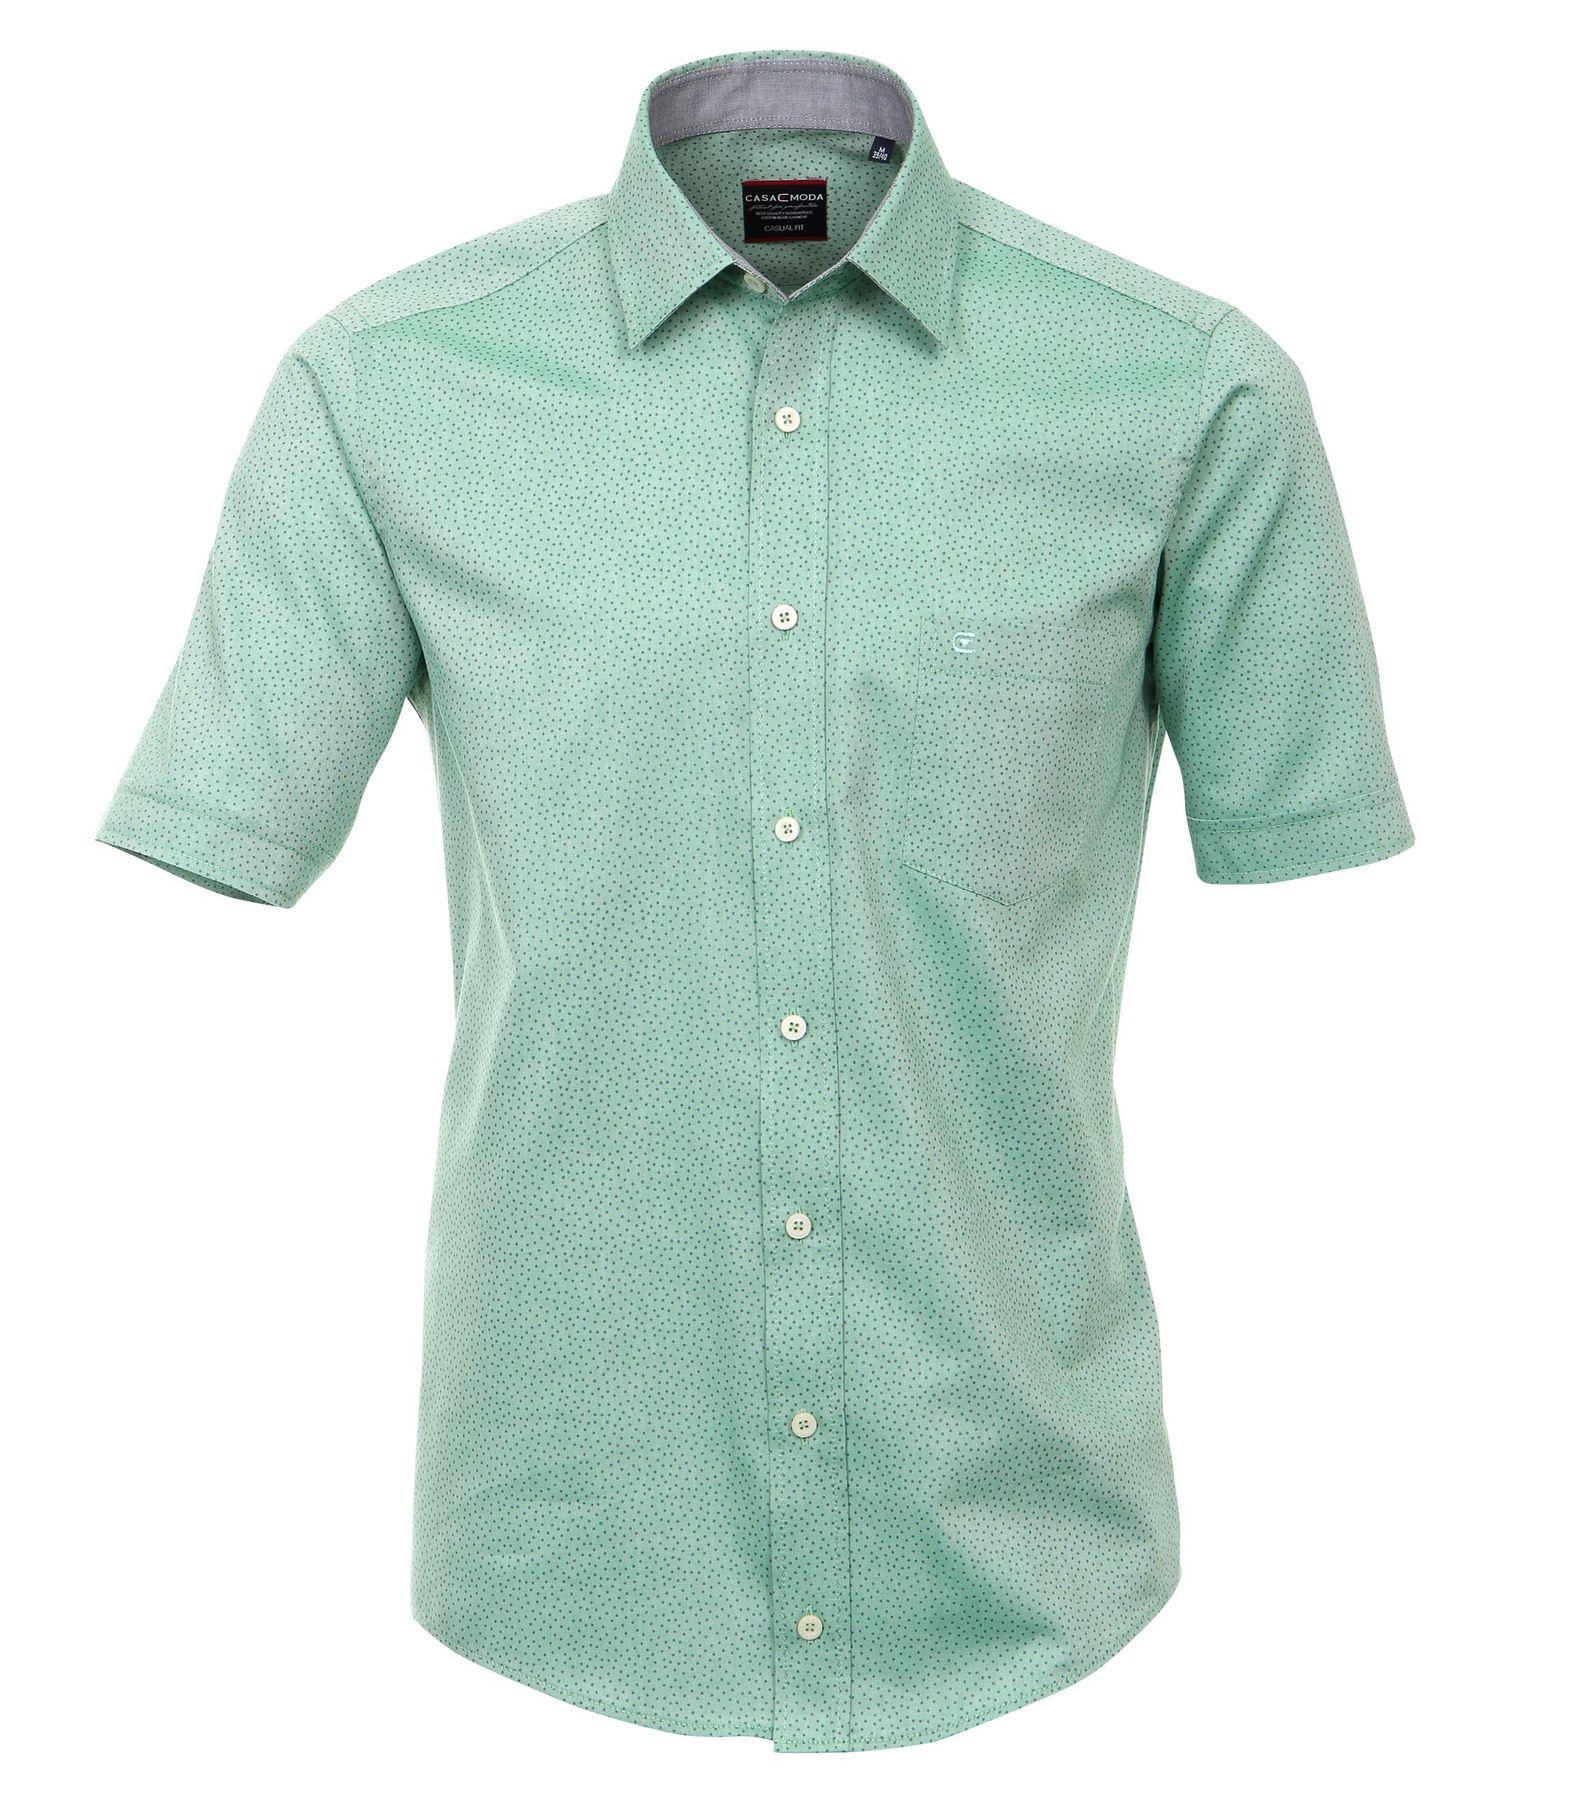 Casa Moda - Comfort Fit - Herren kurzarm Hemd in verschiedenen Varianten – Bild 24